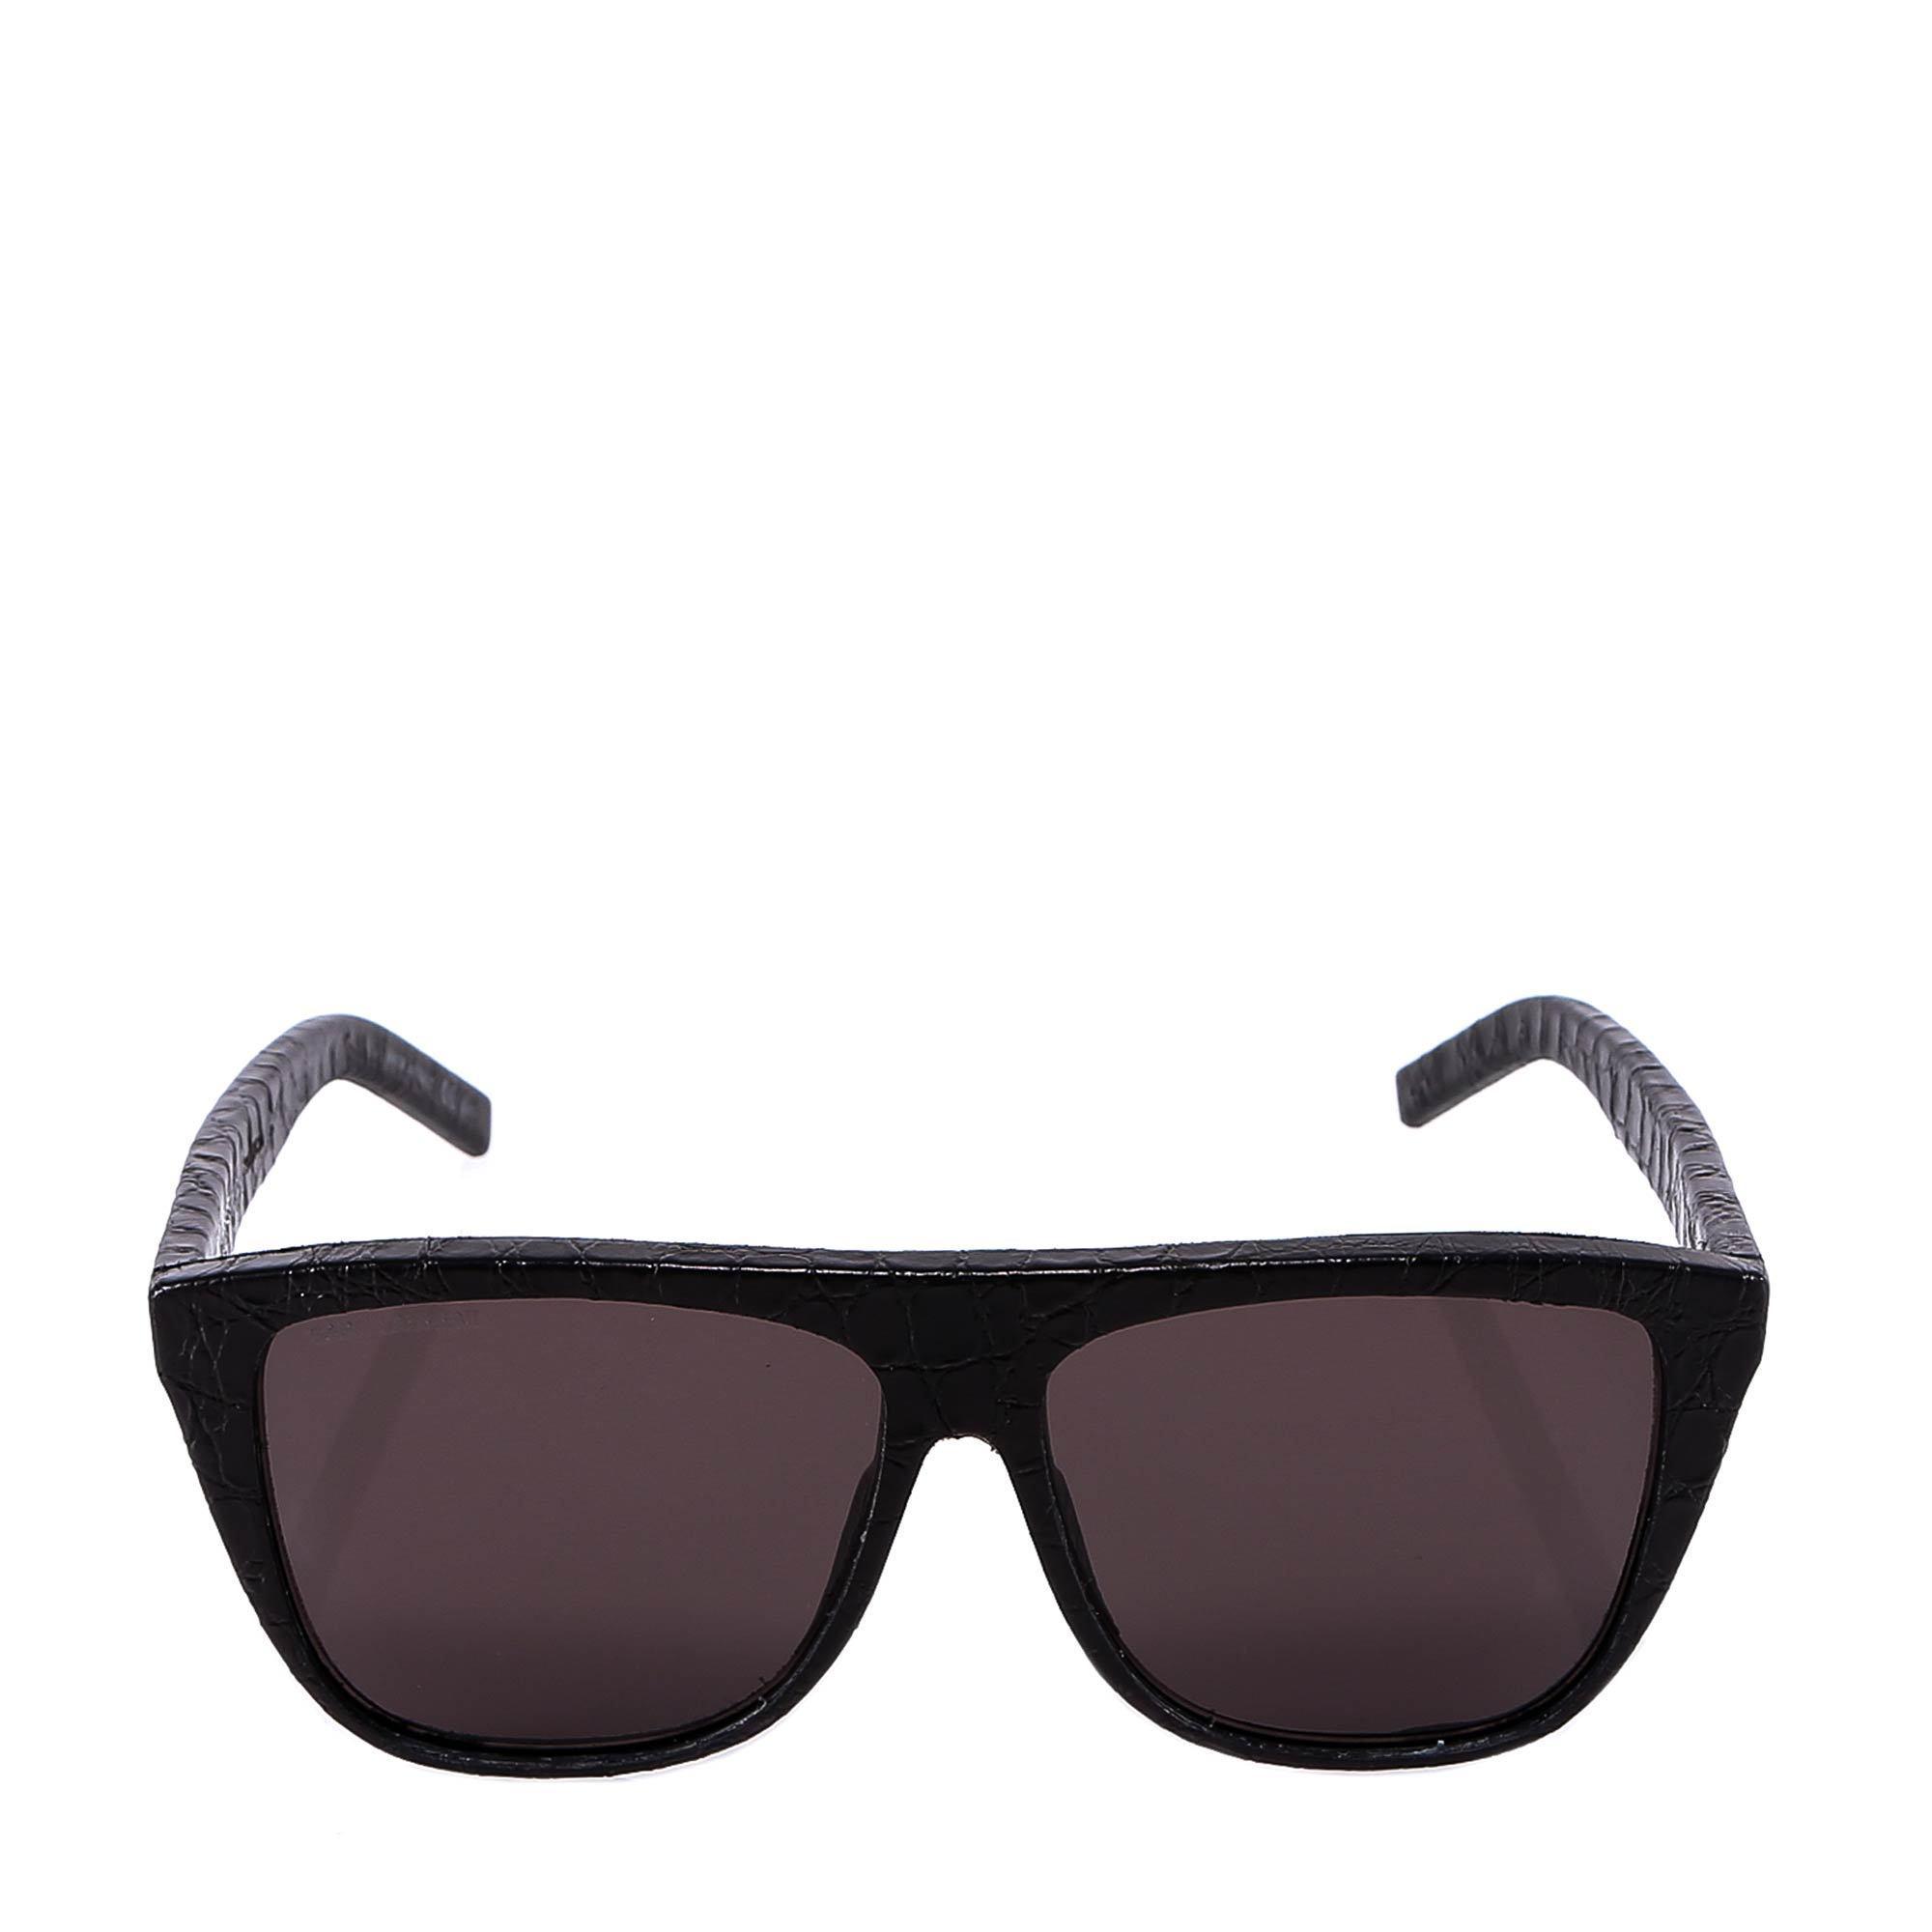 ffa62791569 Saint Laurent. Men s Black Eyewear Snakeskin Effect Square Frame Sunglasses